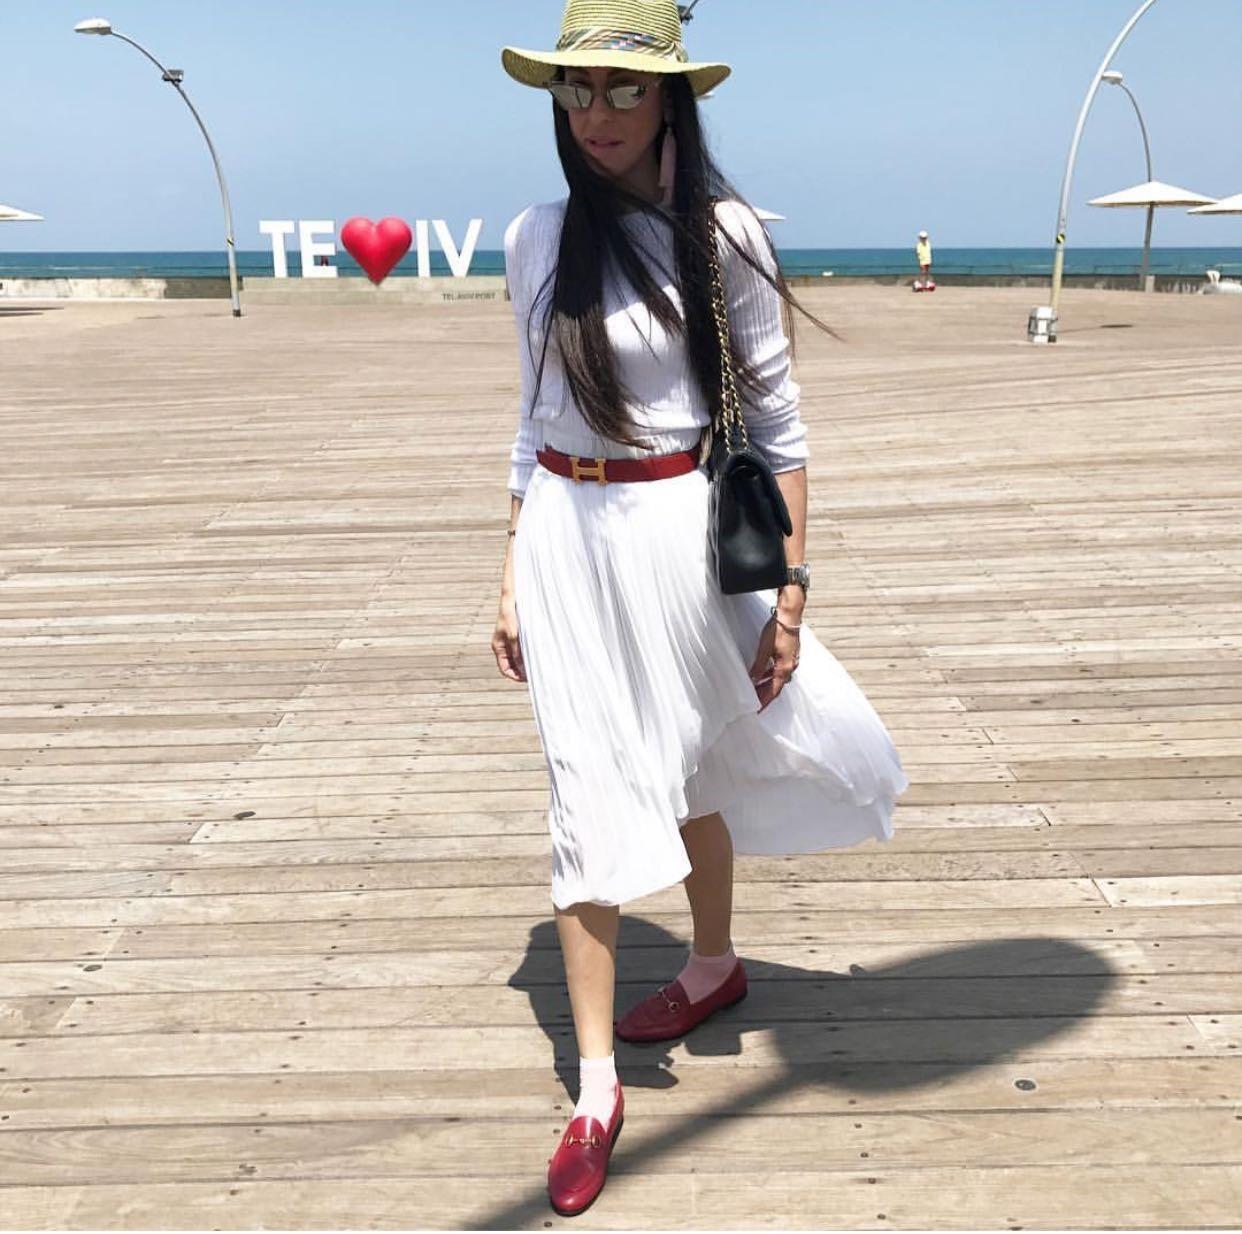 Miri Beilin, Israélienne ultra-orthodoxe, navigue entre les principes religieux stricts de sa foi pour donner des conseils de «mode modeste» sur Instagram.